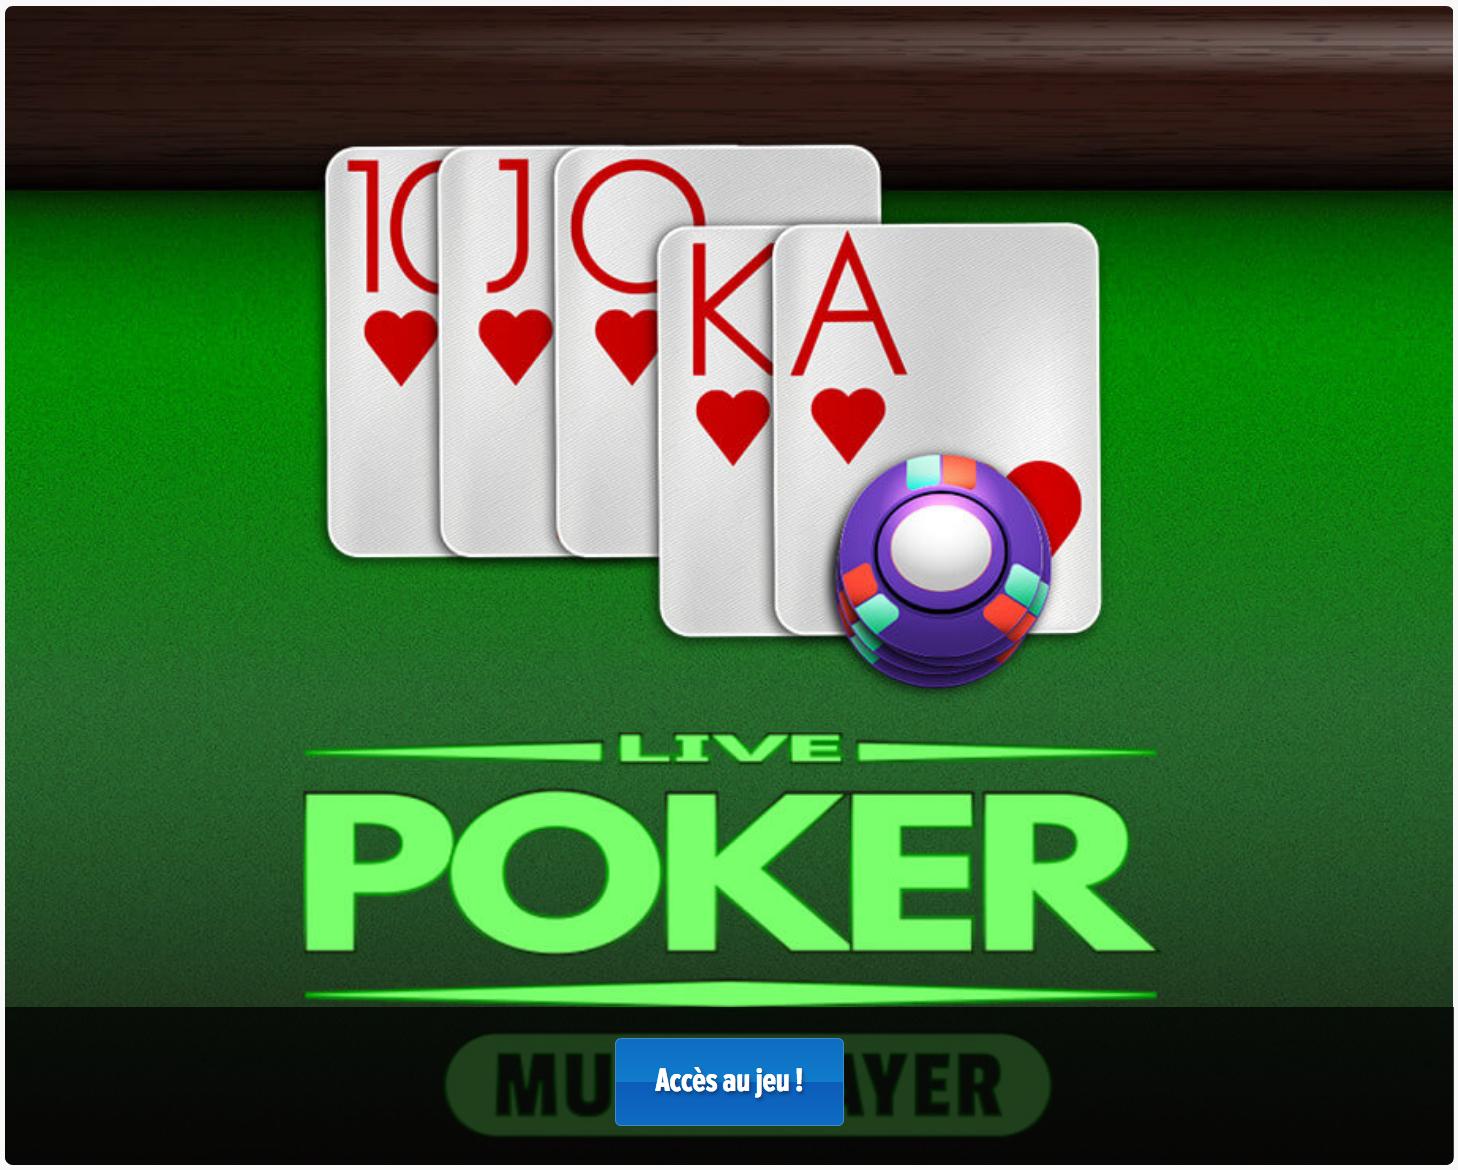 Poker Gratuit En Ligne Multijoueur Sans Téléchargement encequiconcerne Jeux Gratuits En Ligne Sans Inscription Et Sans Telechargement